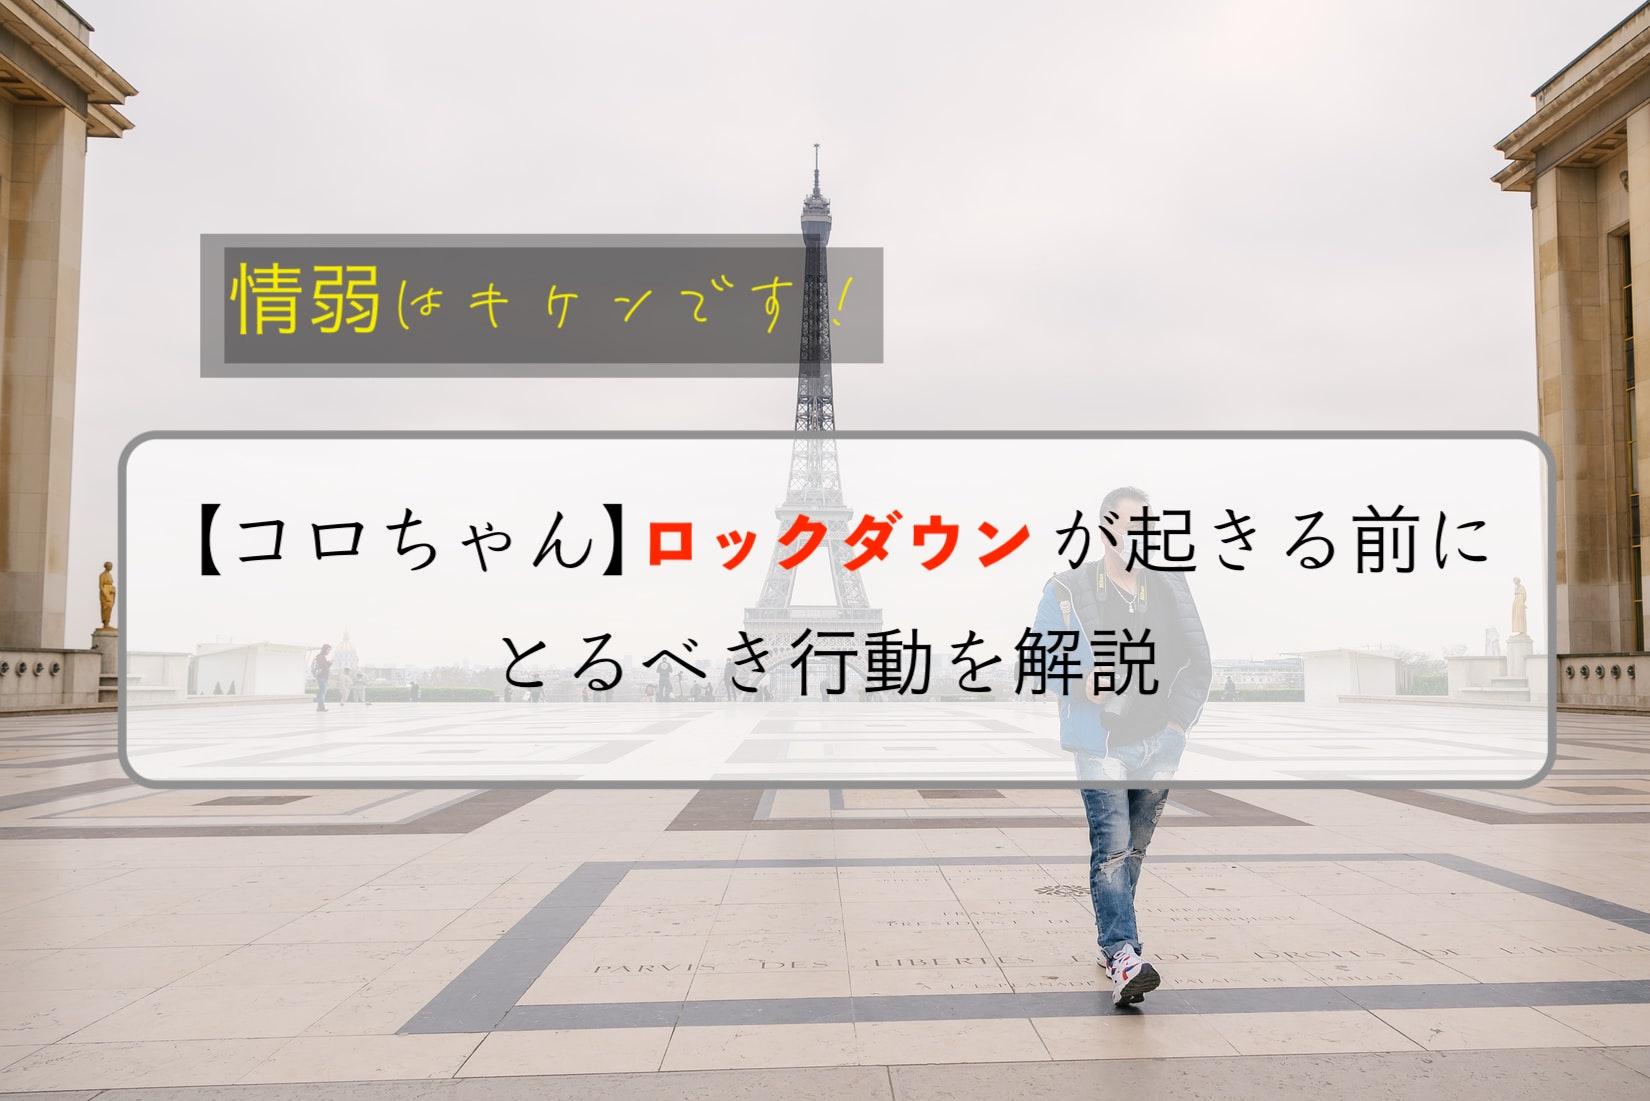 【コロちゃん】ロックダウンが起きる前にとるべき行動を解説